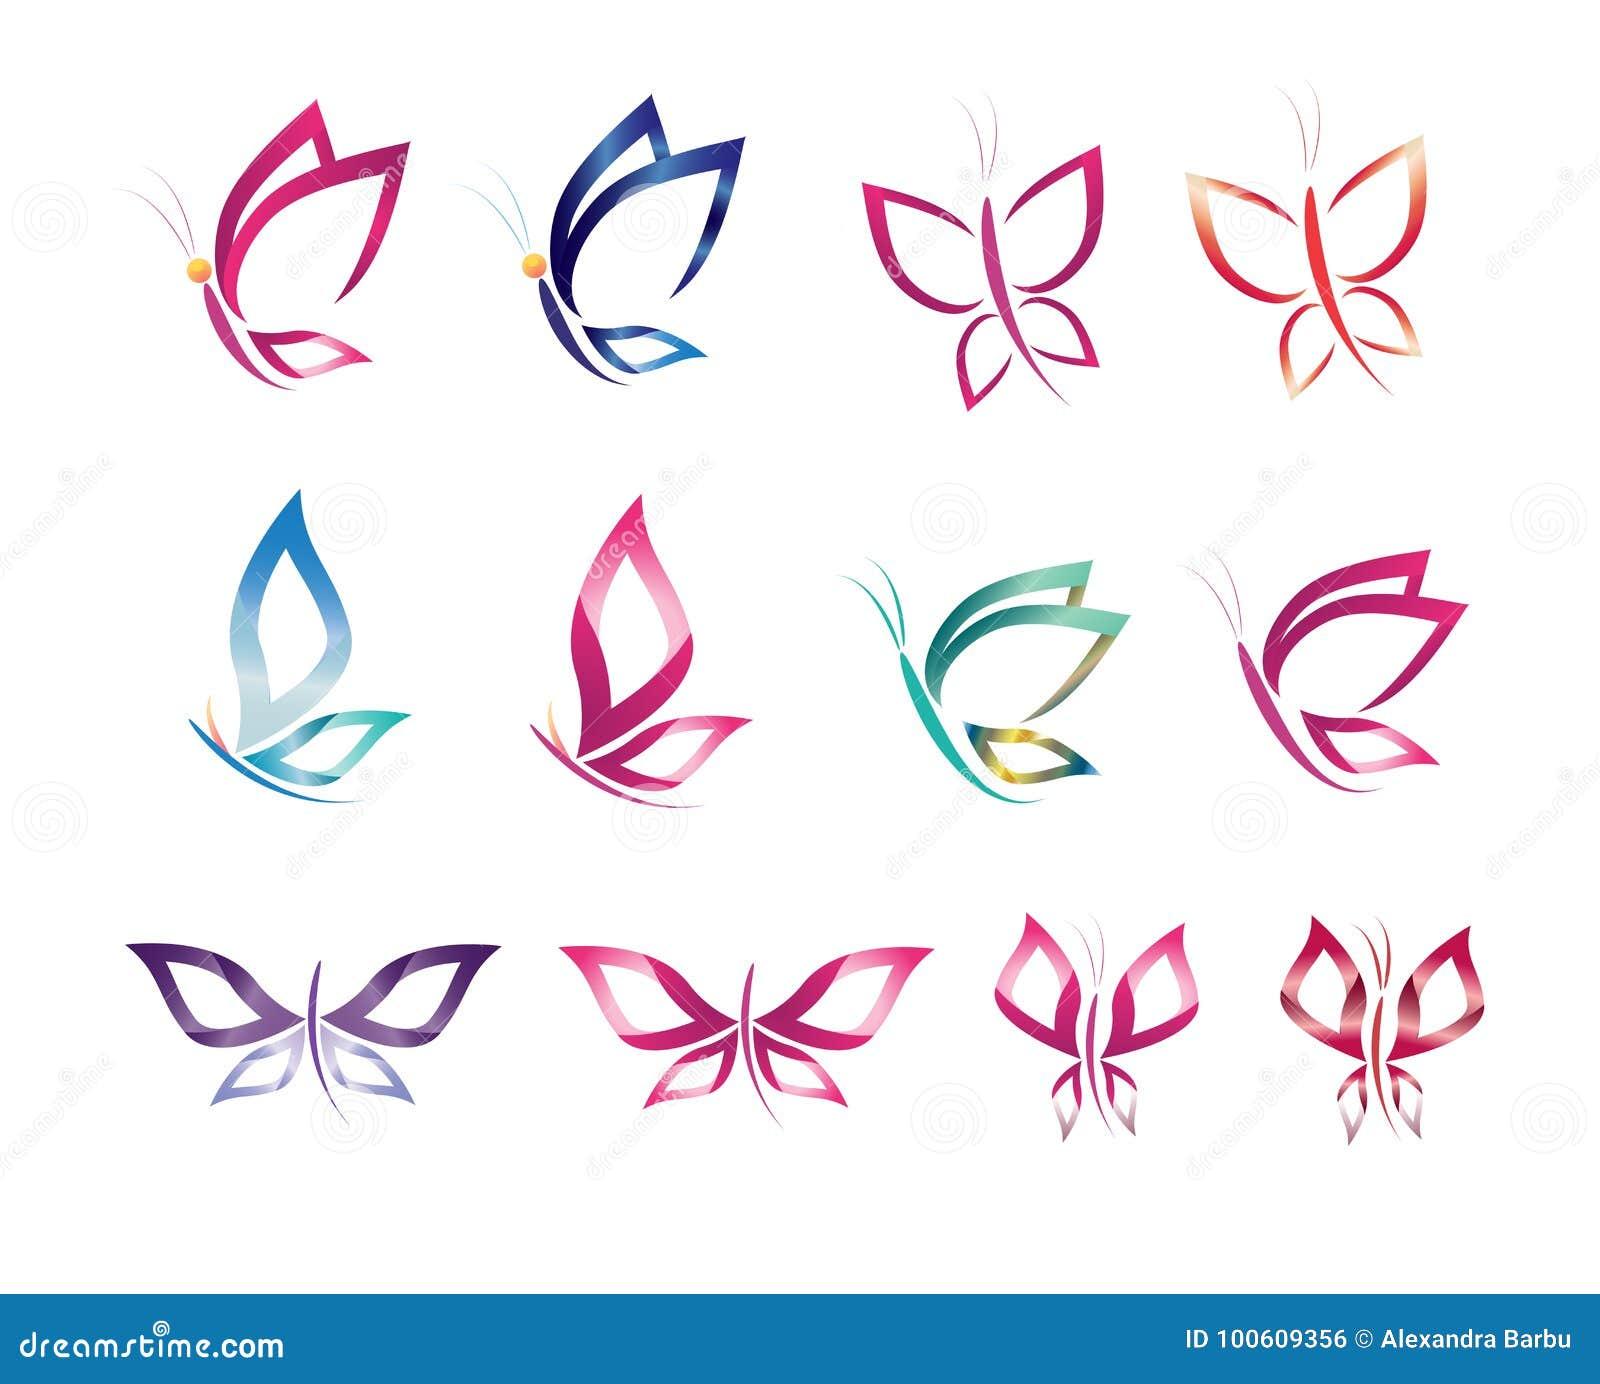 Ajuste a borboleta do vetor do projeto do ícone do símbolo, logotipo, beleza, termas, estilo de vida, cuidado, relaxe, abstraia-a